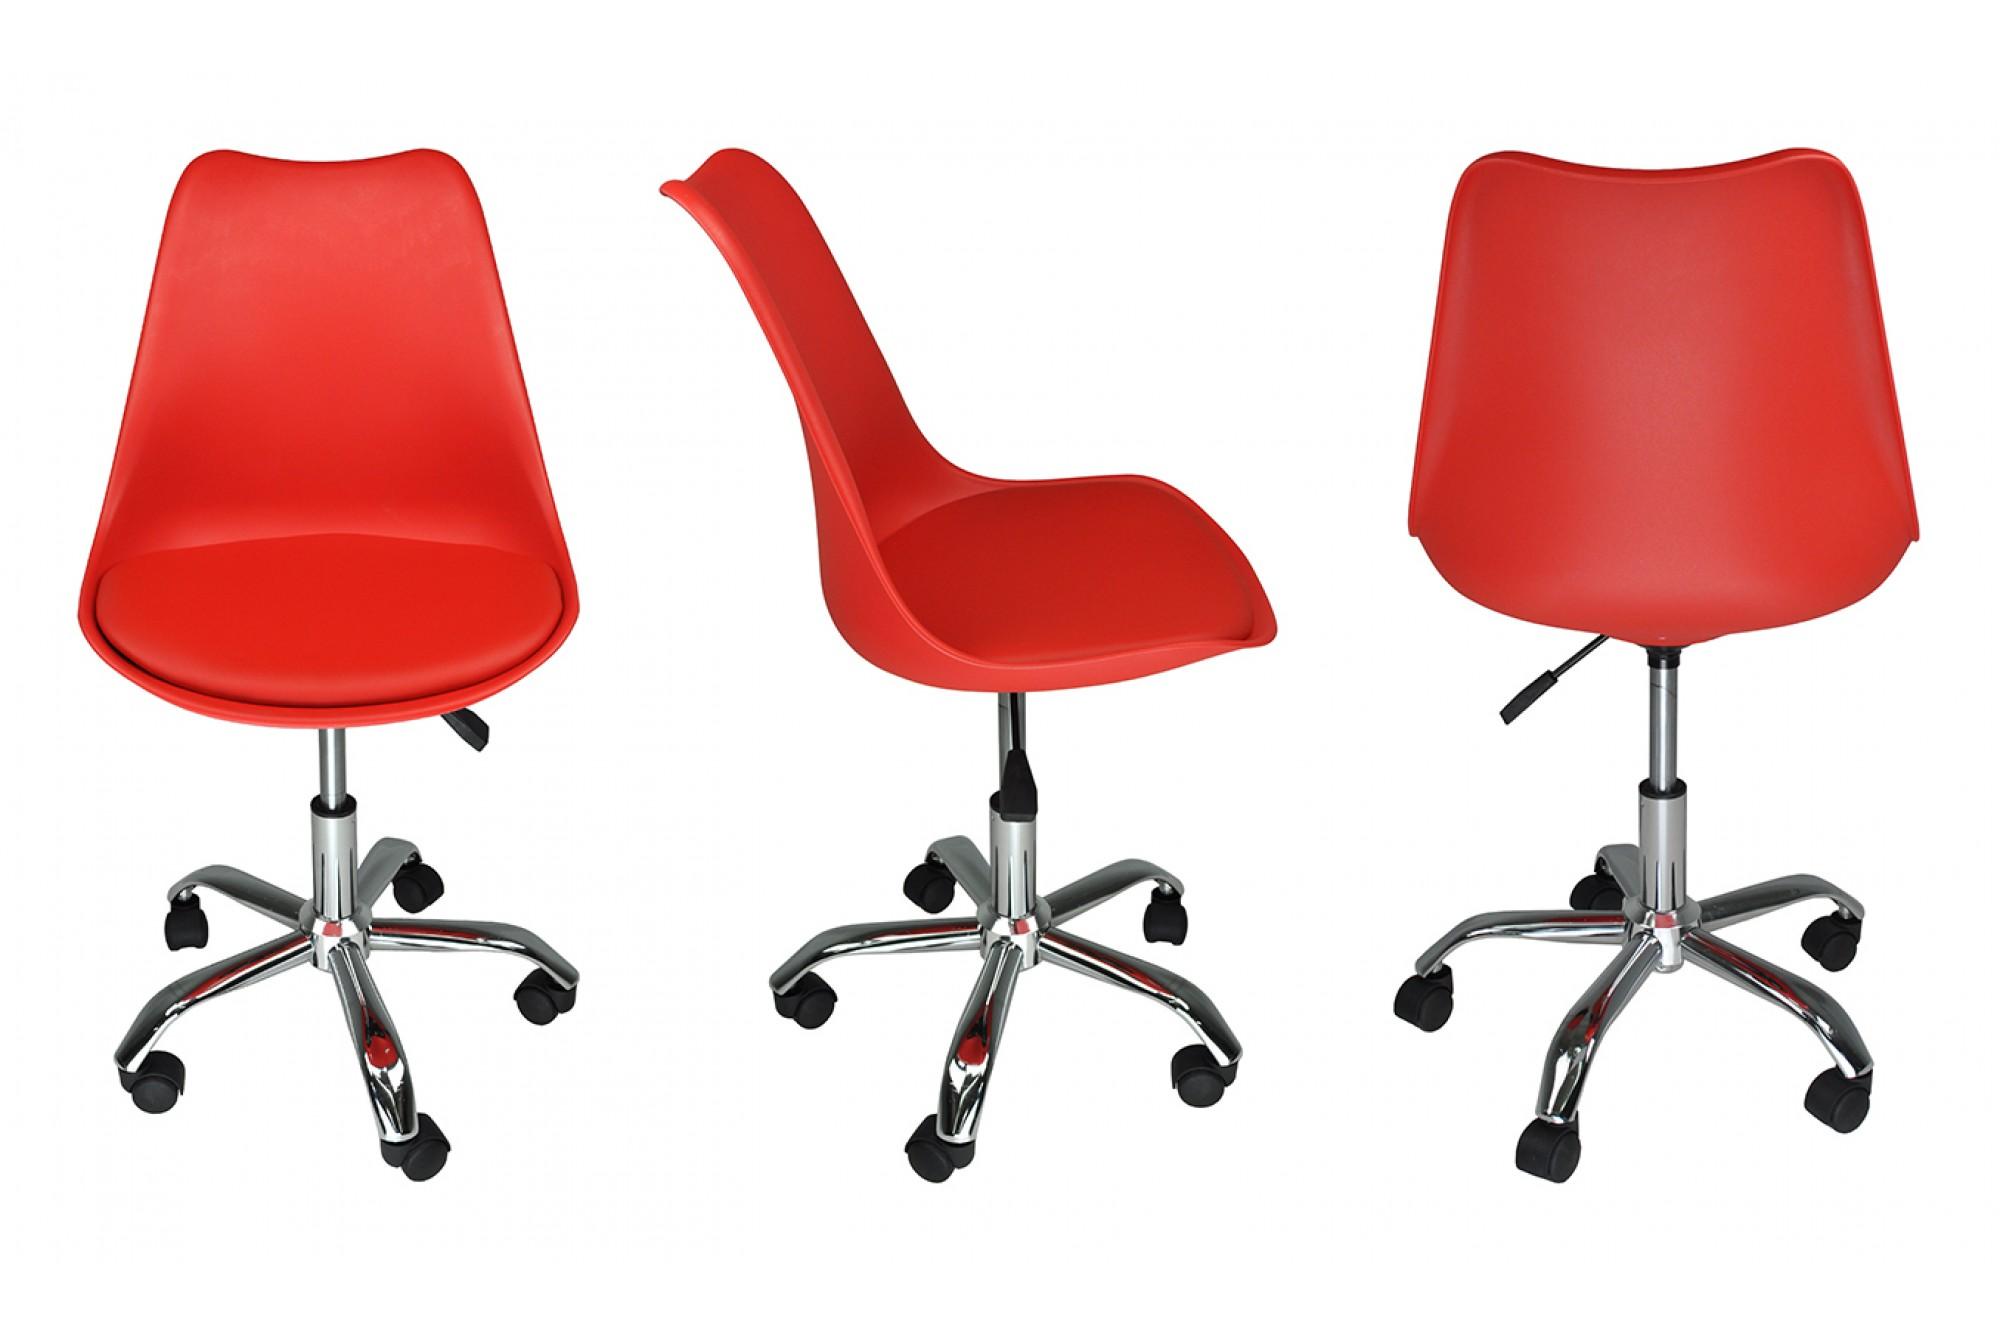 Sedia da ufficio girevole, sedia da scrivania rossa con ...